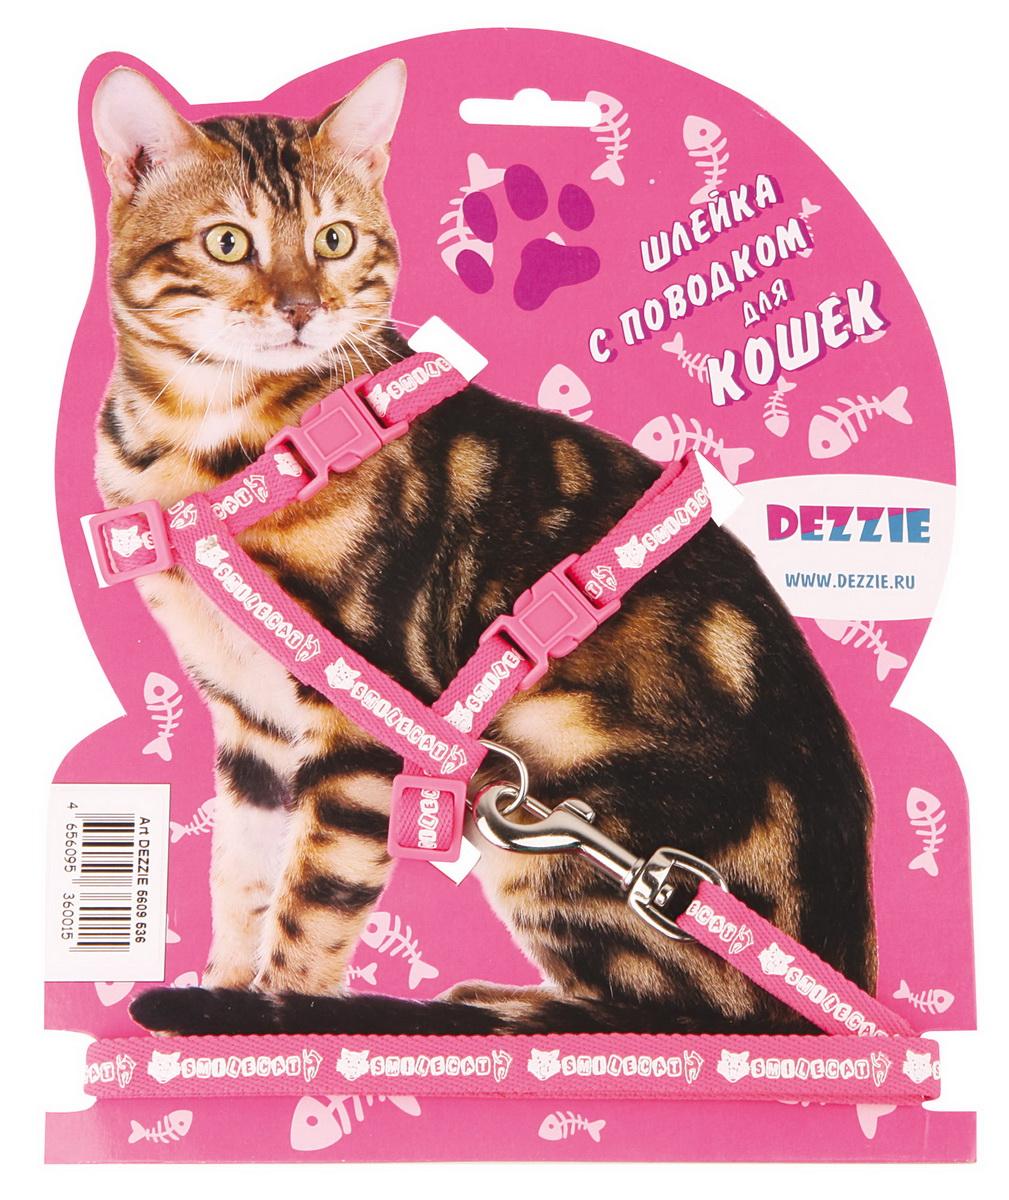 Шлейка для кошек Dezzie, с поводком, ширина 1 см, обхват груди 27-46 см, цвет: розовый, белый. 56095385609538Шлейка Dezzie, изготовленная из прочного нейлона, подходит для кошек крупных размеров. Крепкие пластиковые элементы делают ее надежной и долговечной. Обхват шлейки регулируется при помощи пряжек. В комплект входит поводок из нейлона, который крепится к шлейке с помощью металлического карабина. Шлейка и поводок оформлены изображением. Шлейка - это альтернатива ошейнику. Правильно подобранная шлейка не стесняет движения питомца, не натирает кожу, поэтому животное чувствует себя в ней уверенно и комфортно. Обхват груди: 27-46 см. Ширина шлейки/поводка: 1 см. Длина поводка: 120 см. Длина ошейника: 27-46 см.